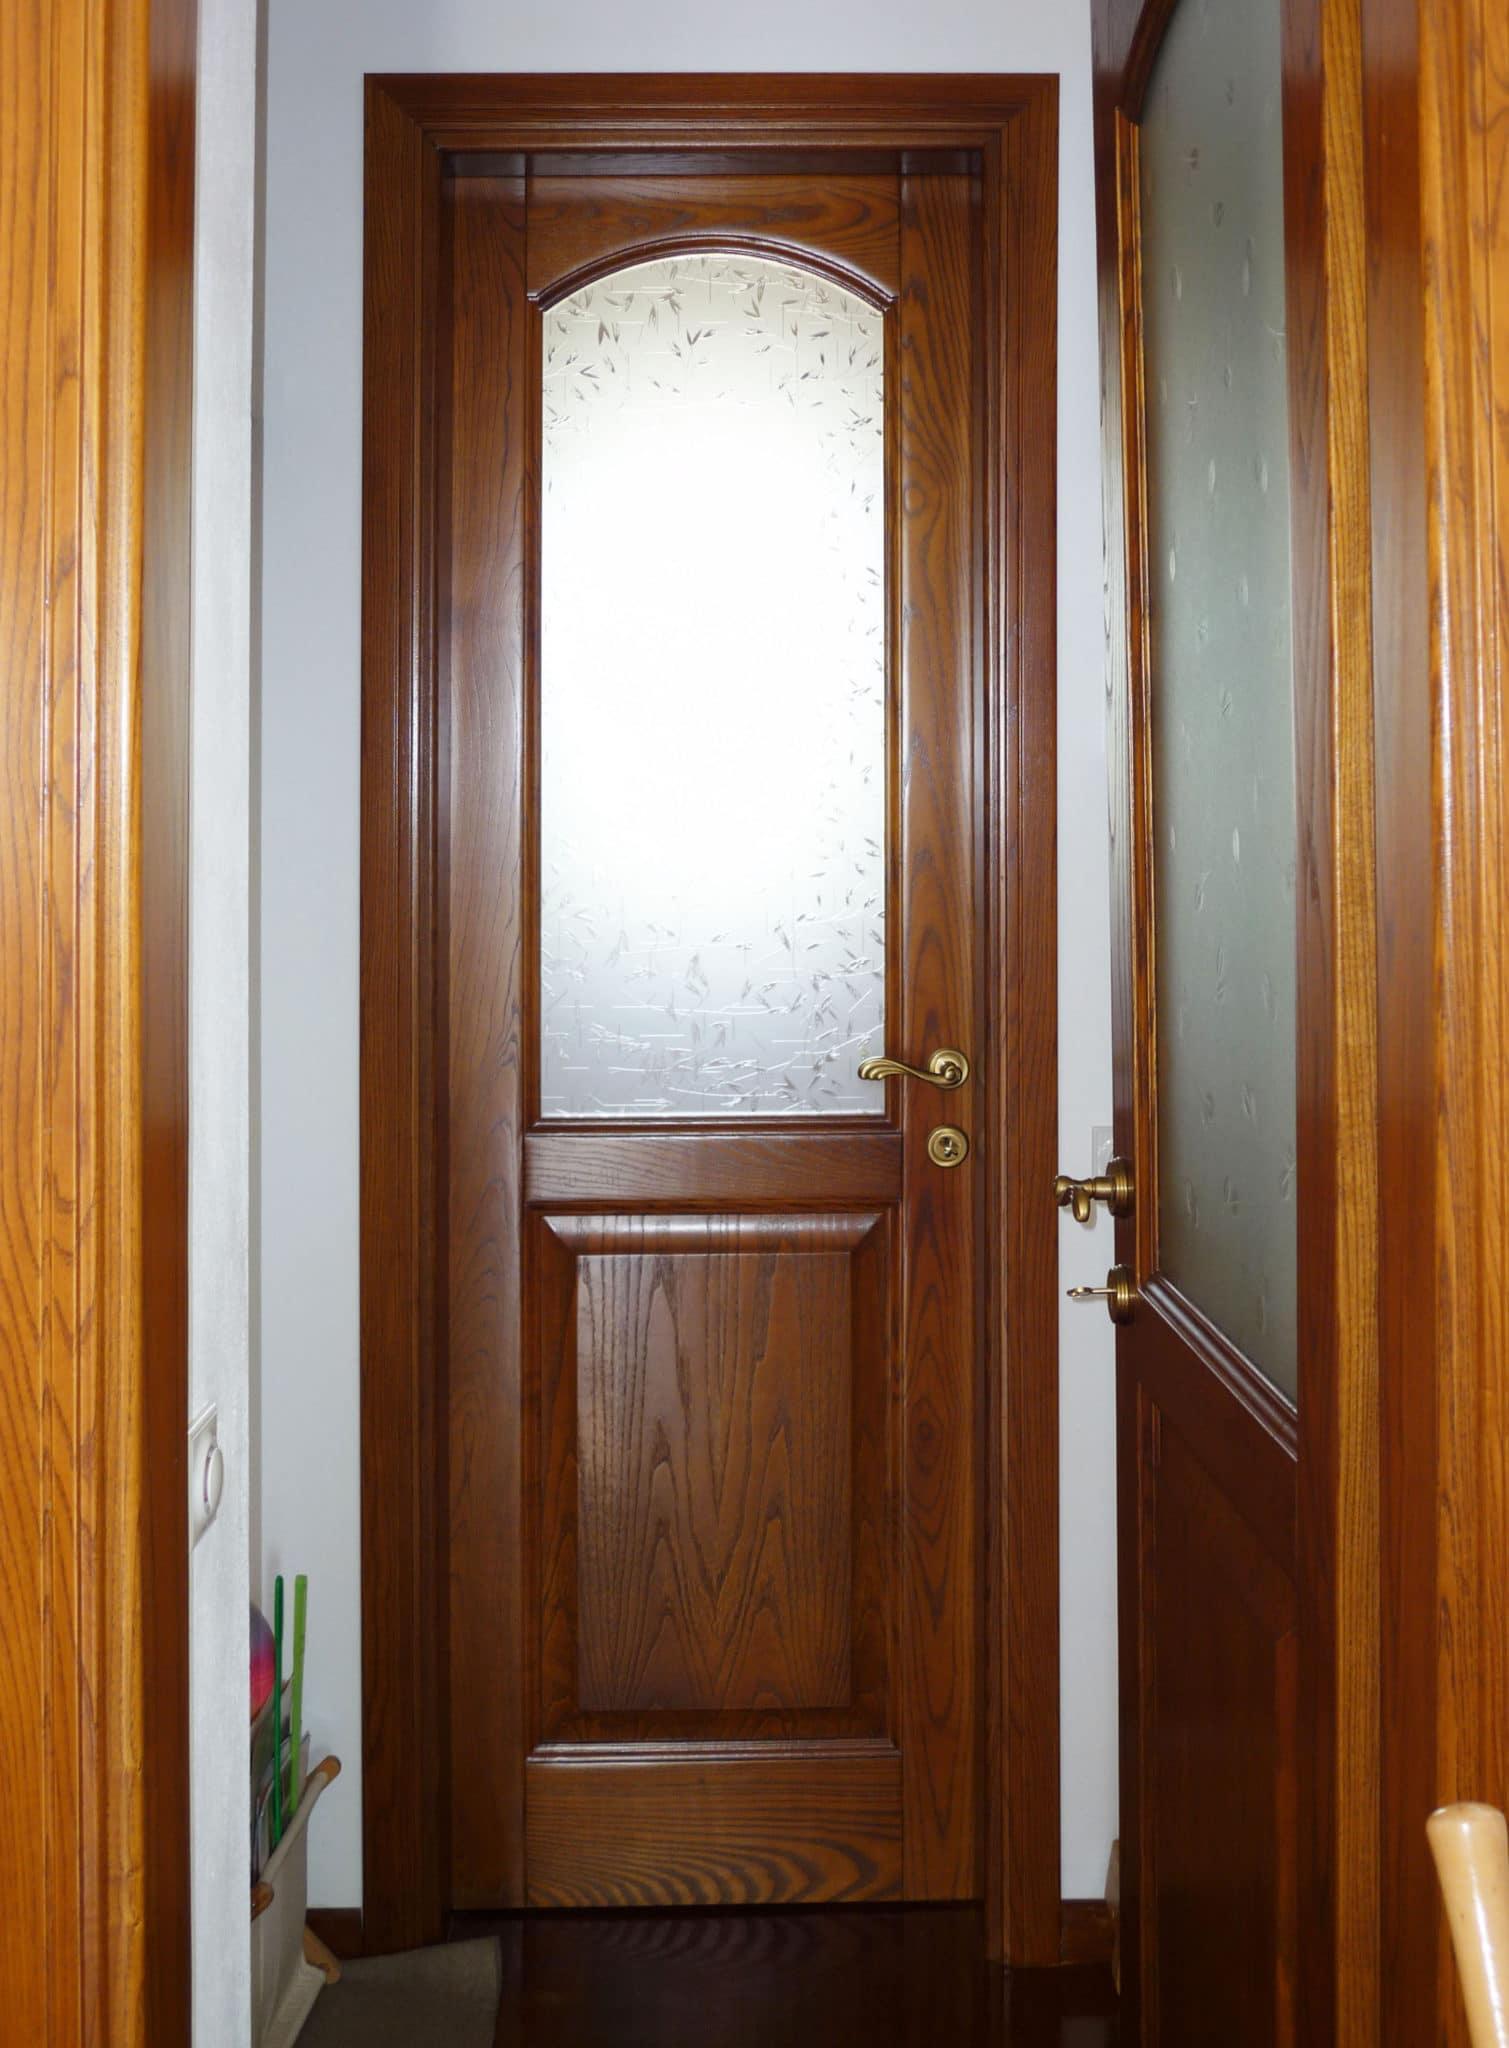 εσωτερική πόρτα μασίφ ξύλου με τζάμι και παραδοσιακό πόμολο